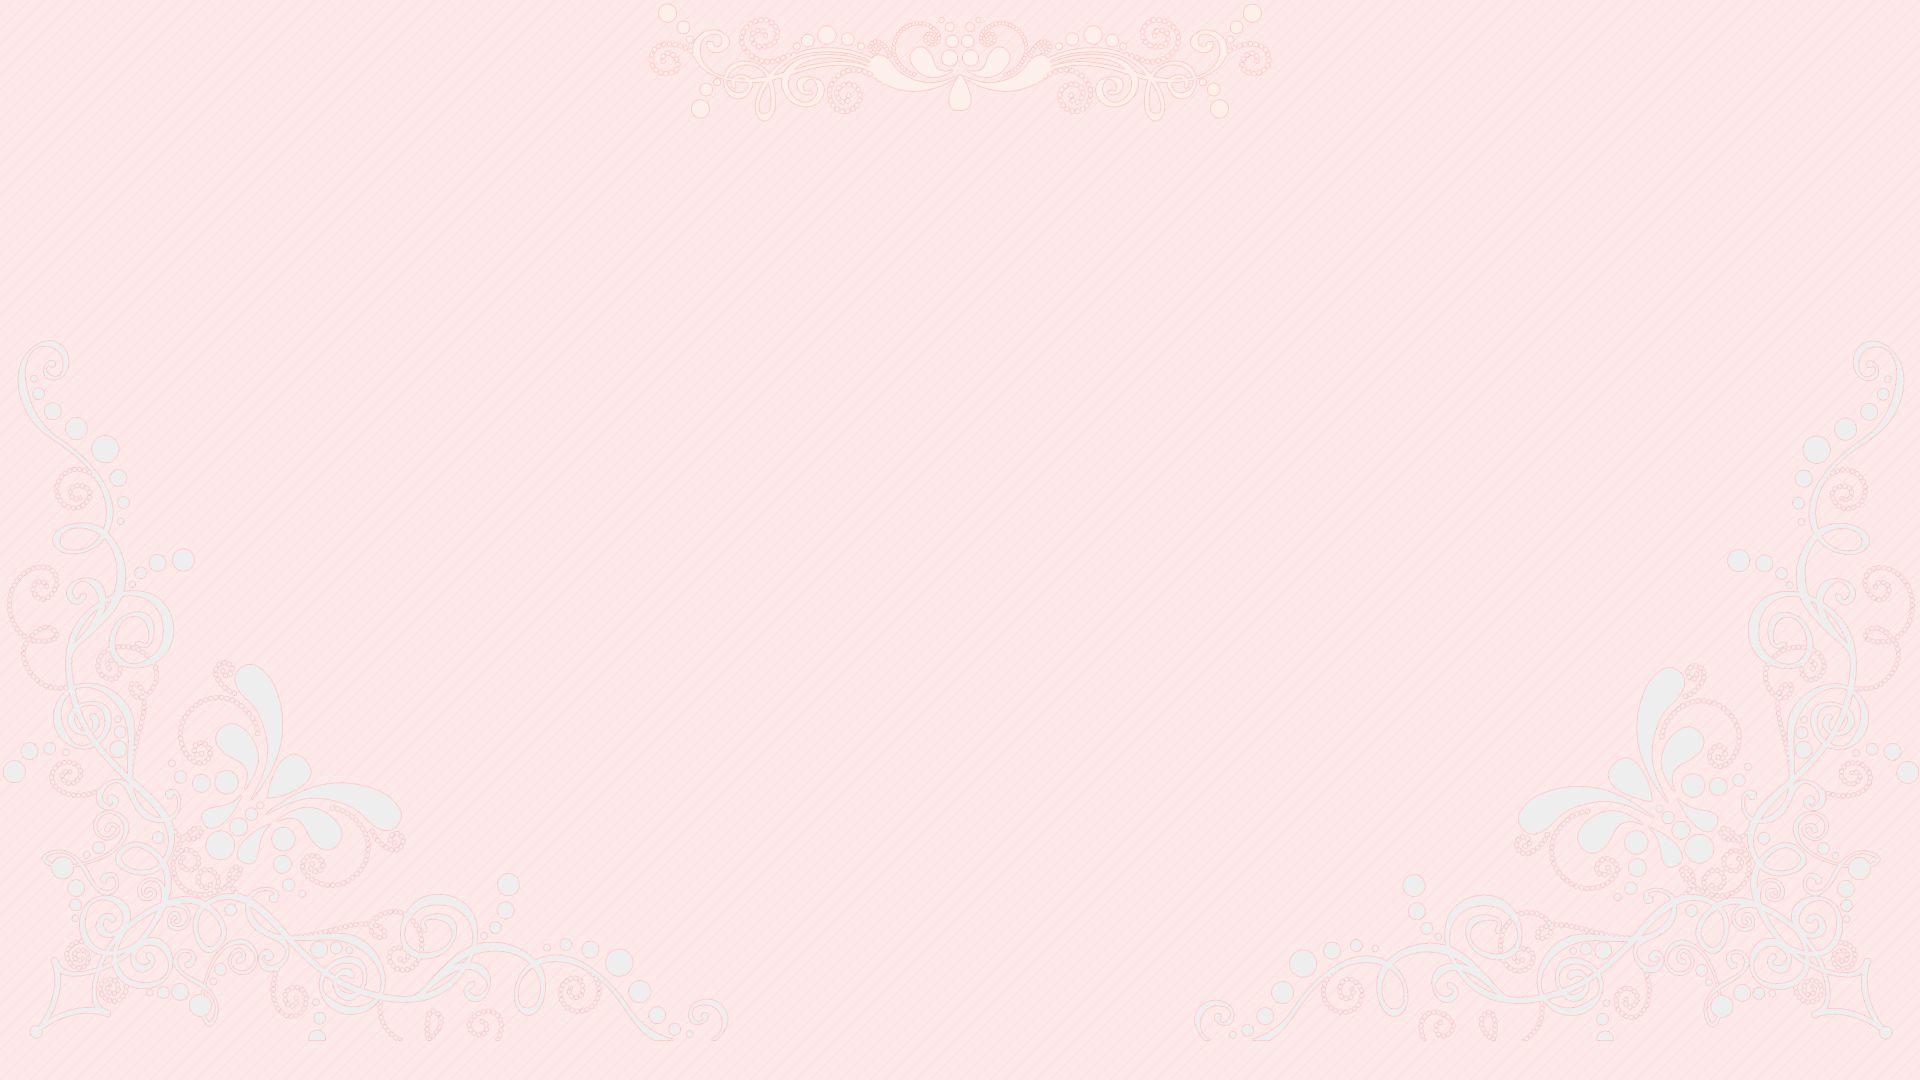 [18+] Pink Pastel Wallpapers on WallpaperSafari